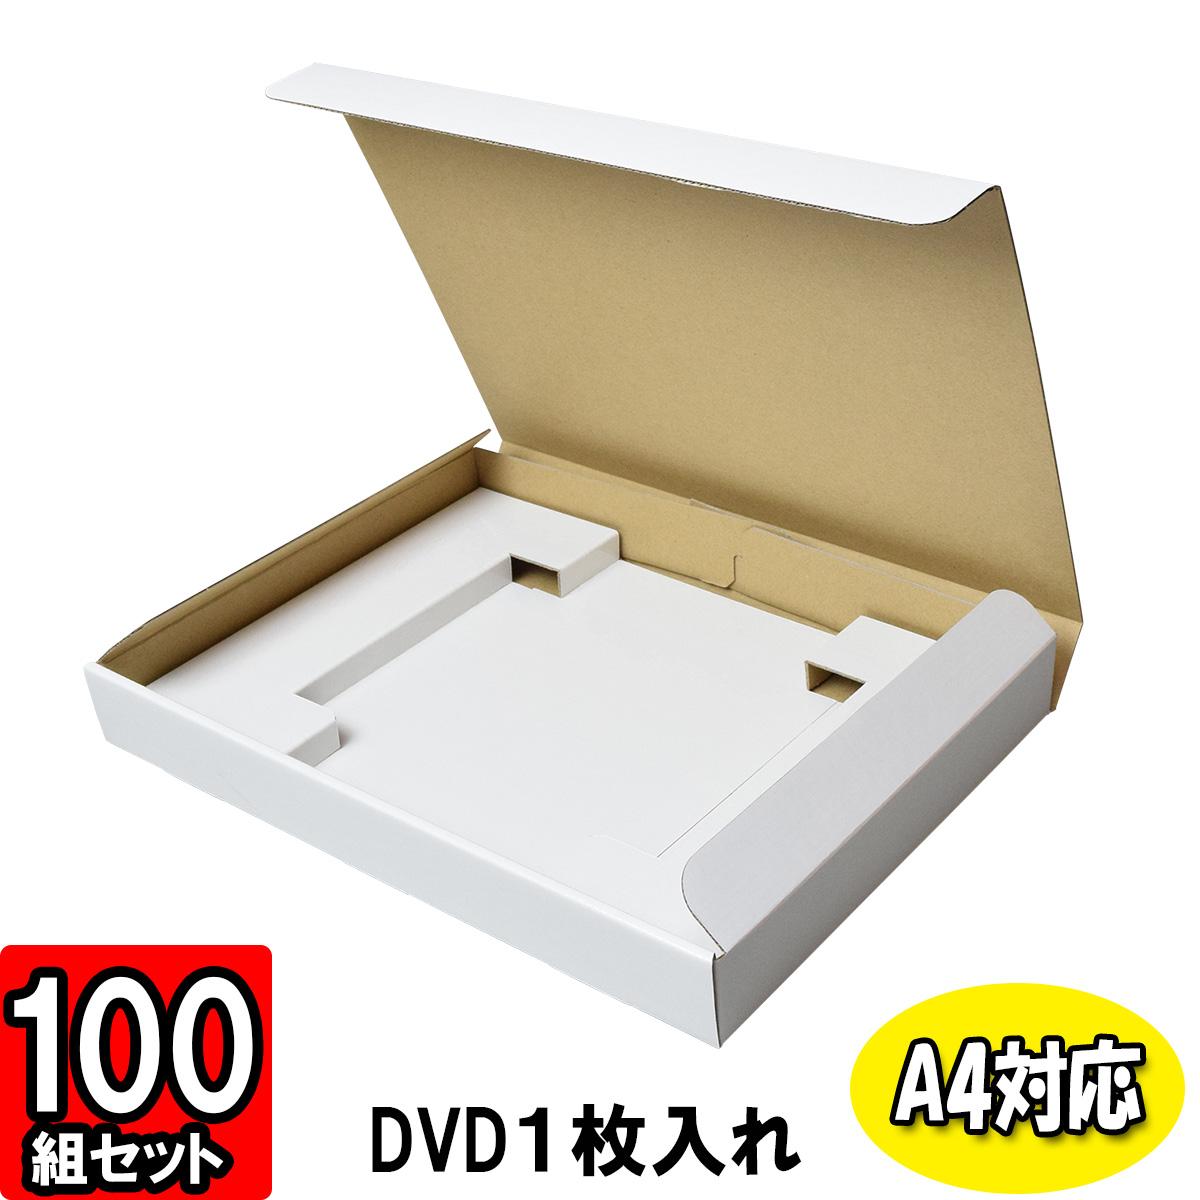 【あす楽】DVD入れ箱【仕切付き】【A4対応】【1枚入用】 100枚セット 【ダンボール箱 段ボール箱 DVD発送 梱包材 梱包資材】